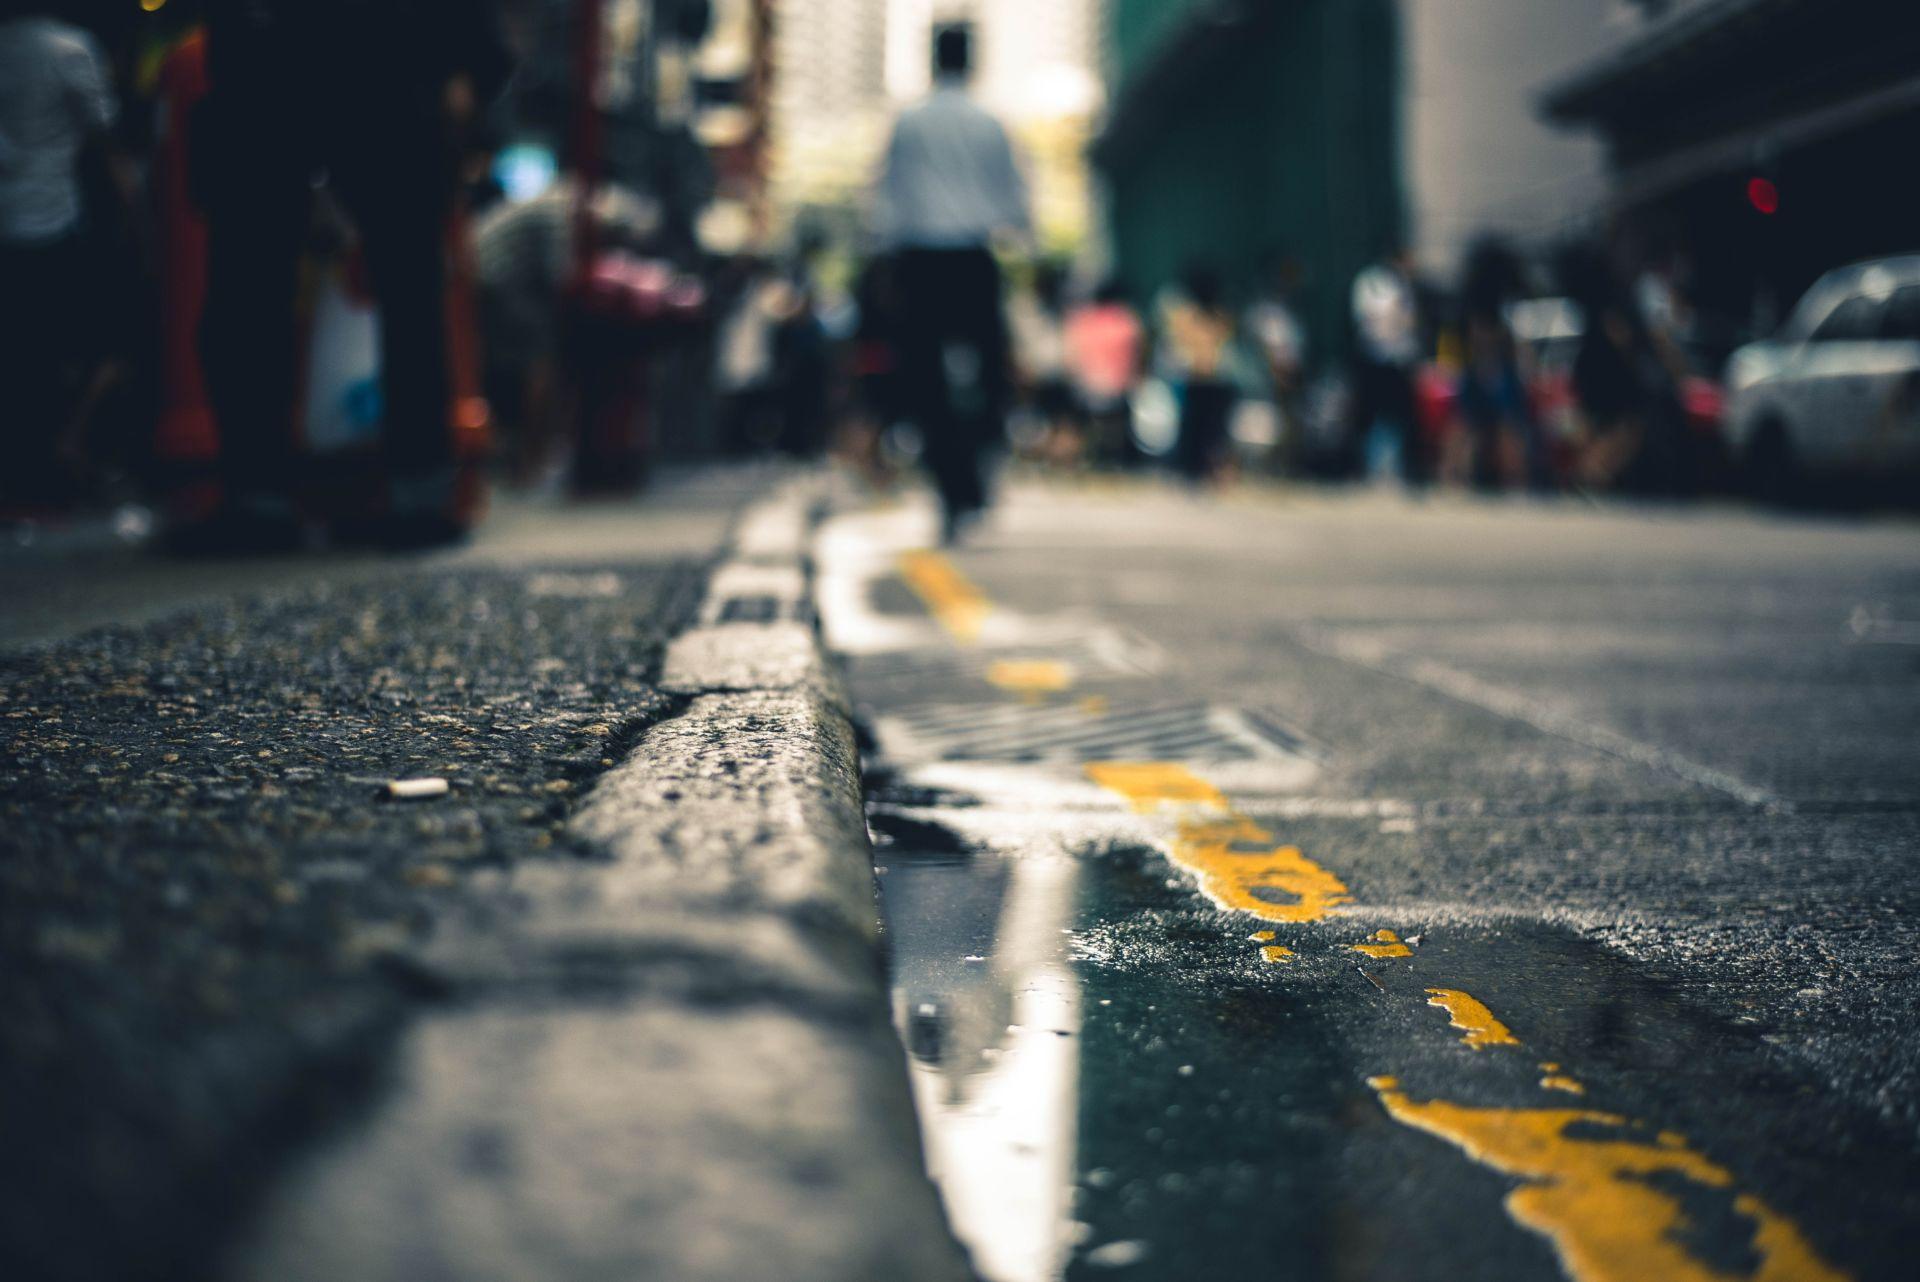 Maatasalta otettu kuva sateenjälkeisestä kadusta, jolla ihmiset kävelevät pois päin kamerasta.